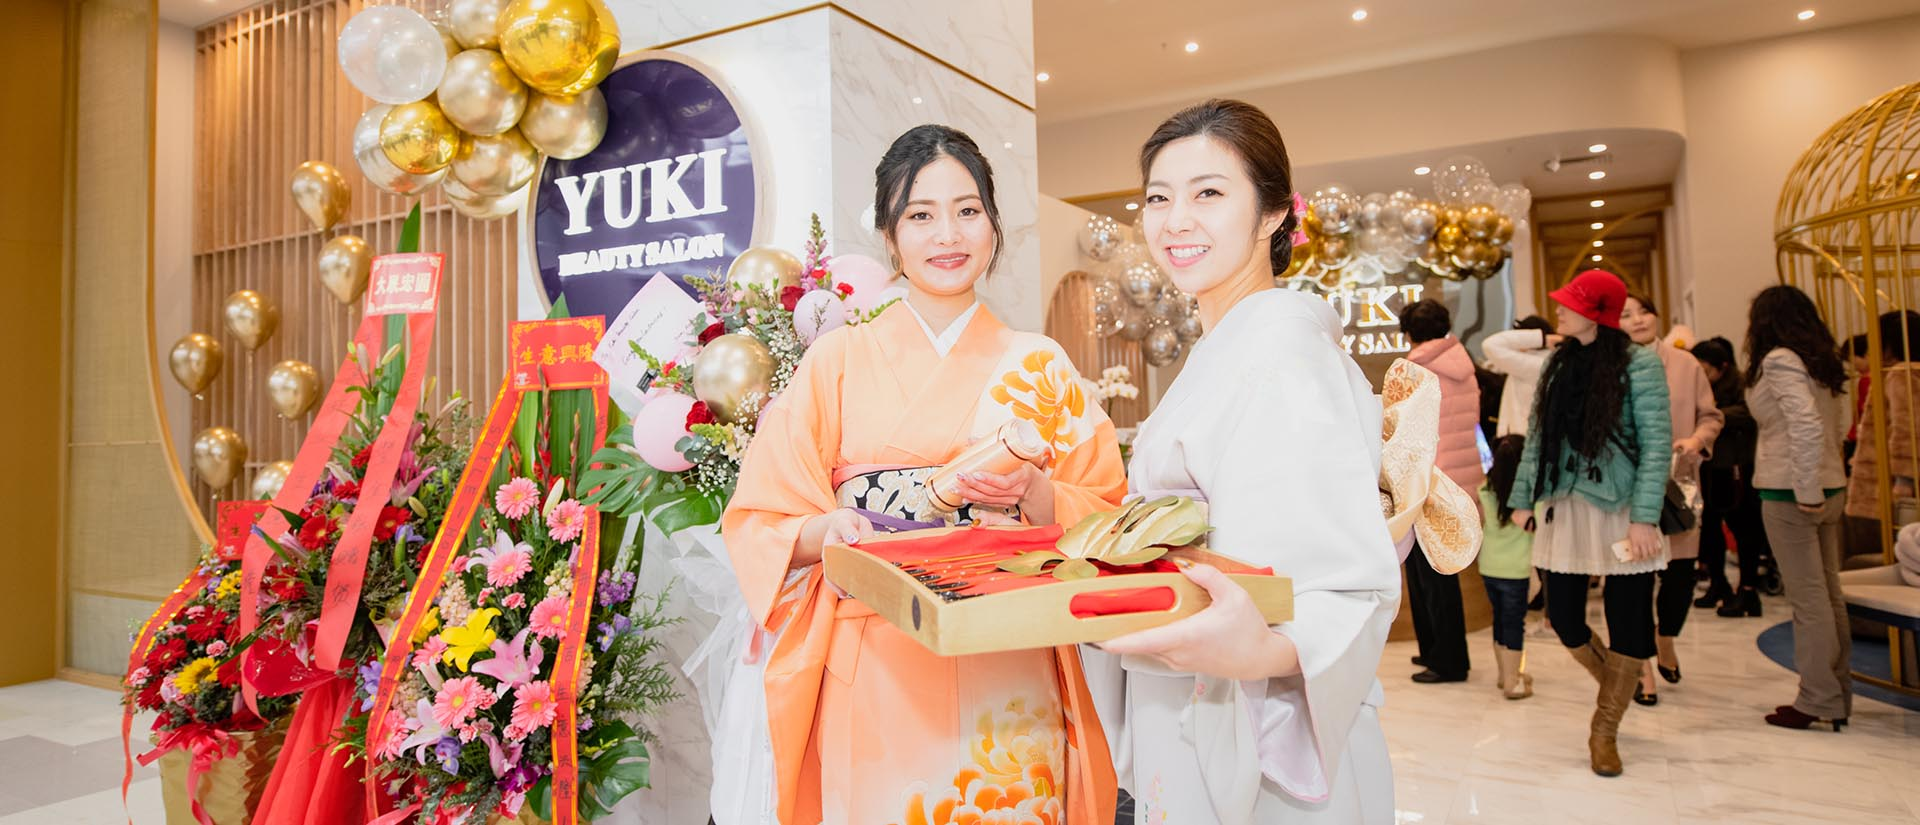 Projects-Retail_Yuki Beauty 5